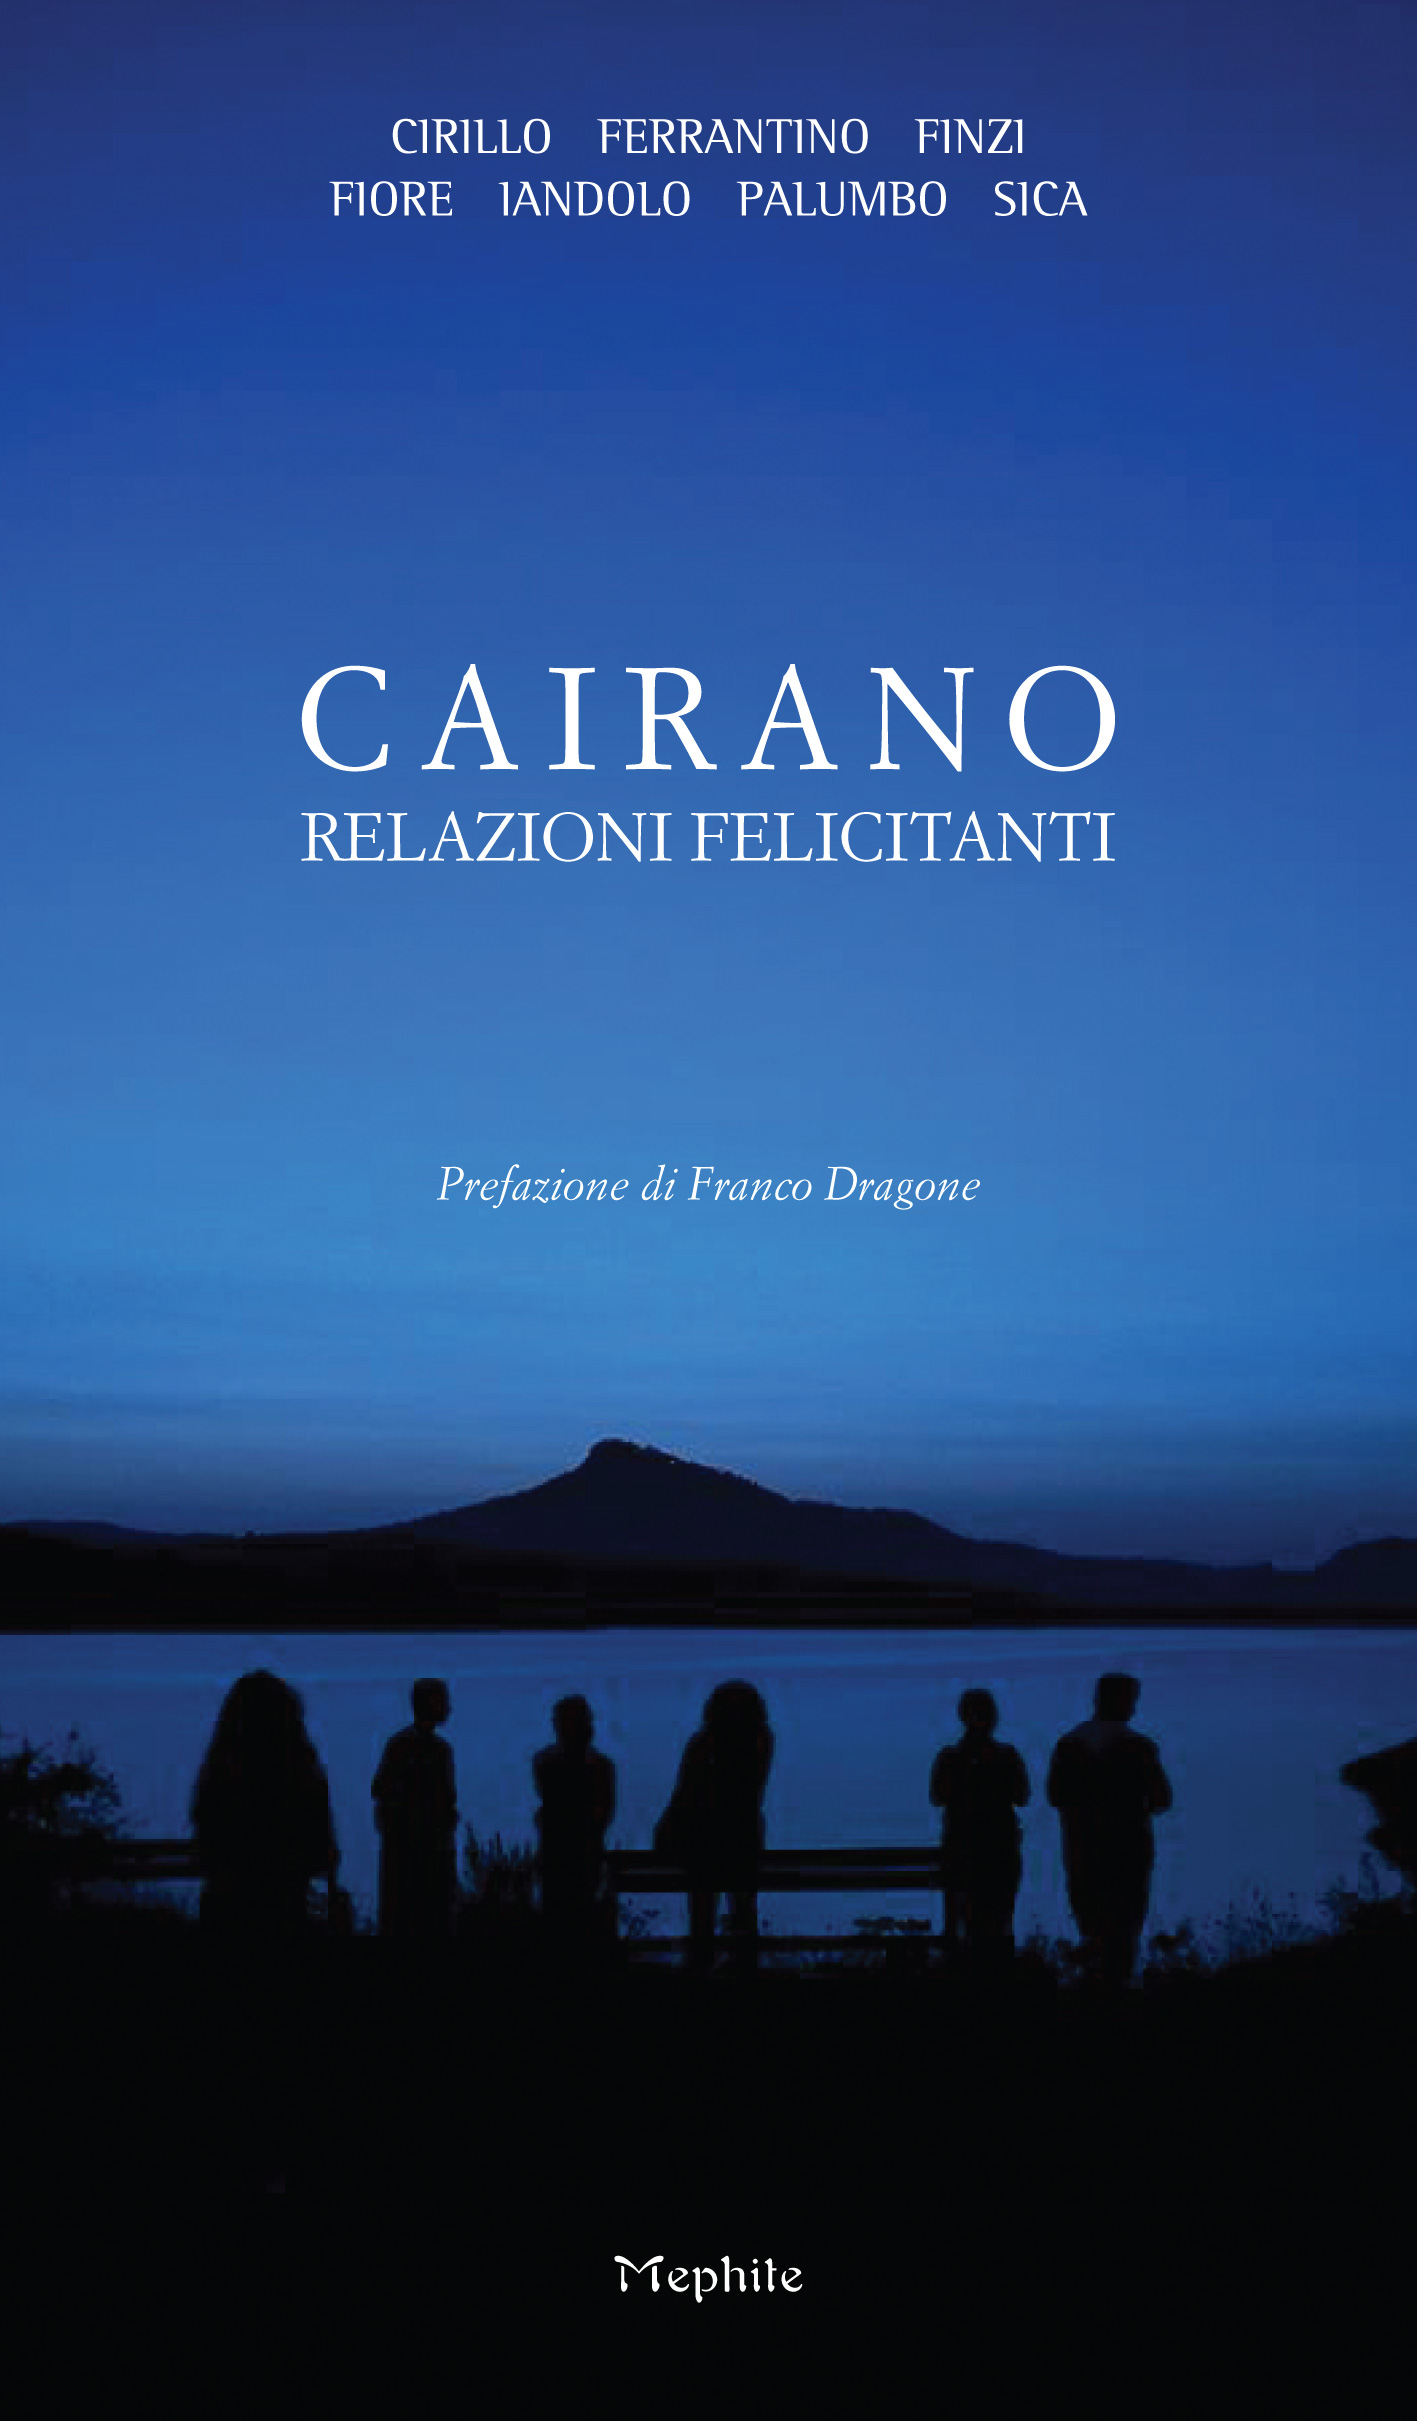 Cairano relazioni felicitanti copertina libro